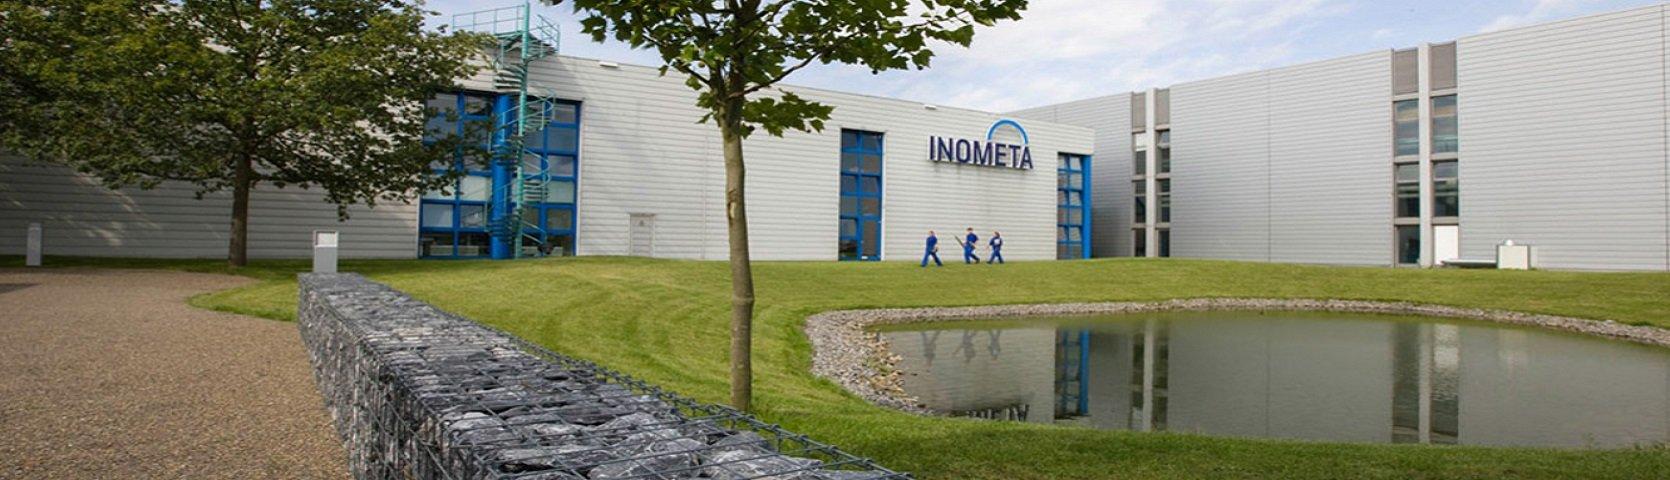 Inometa GmbH